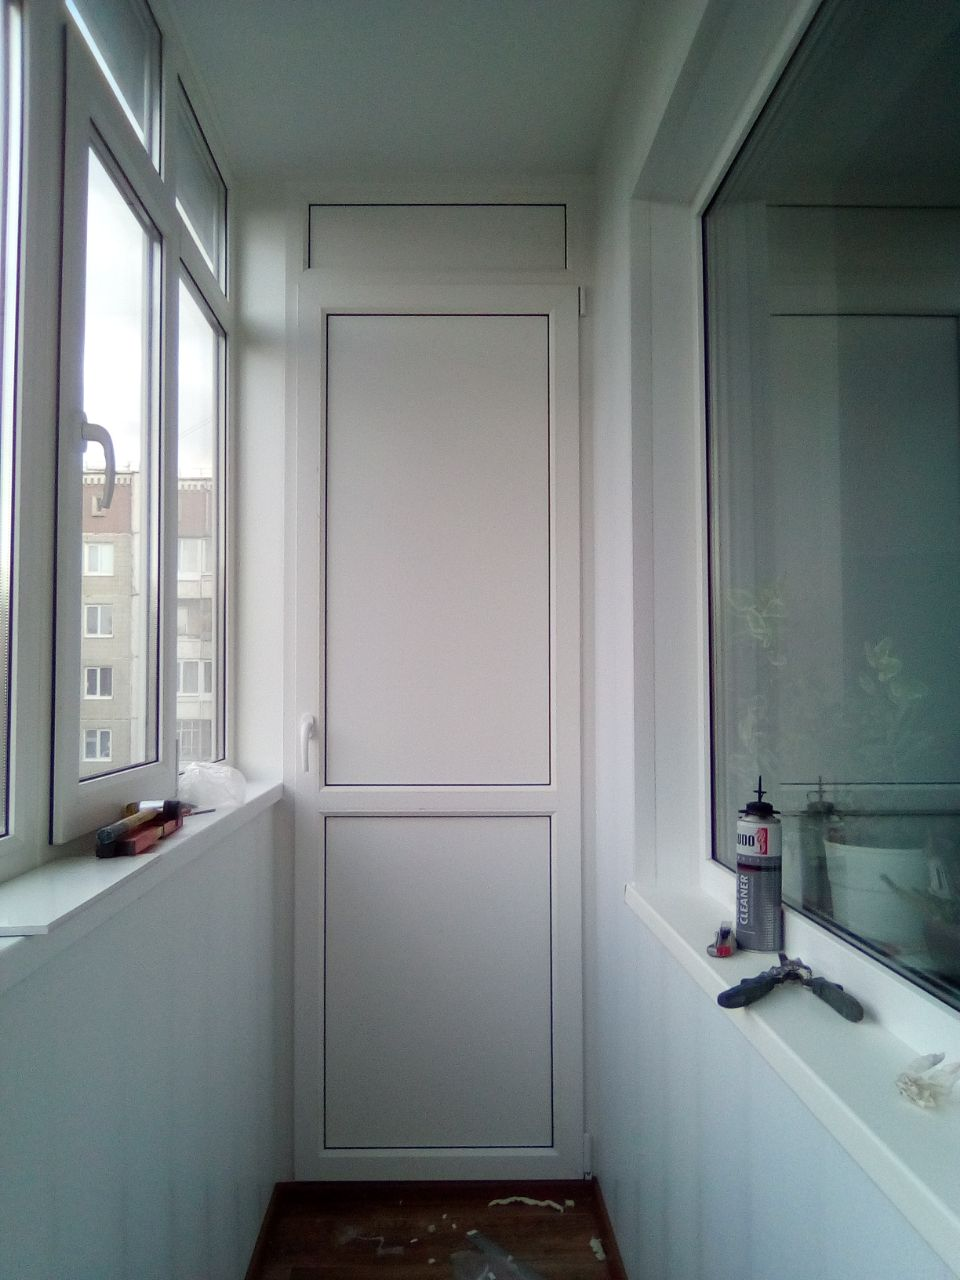 Северск: шкафы для балконов и лоджий цена 0 р., объявления м.